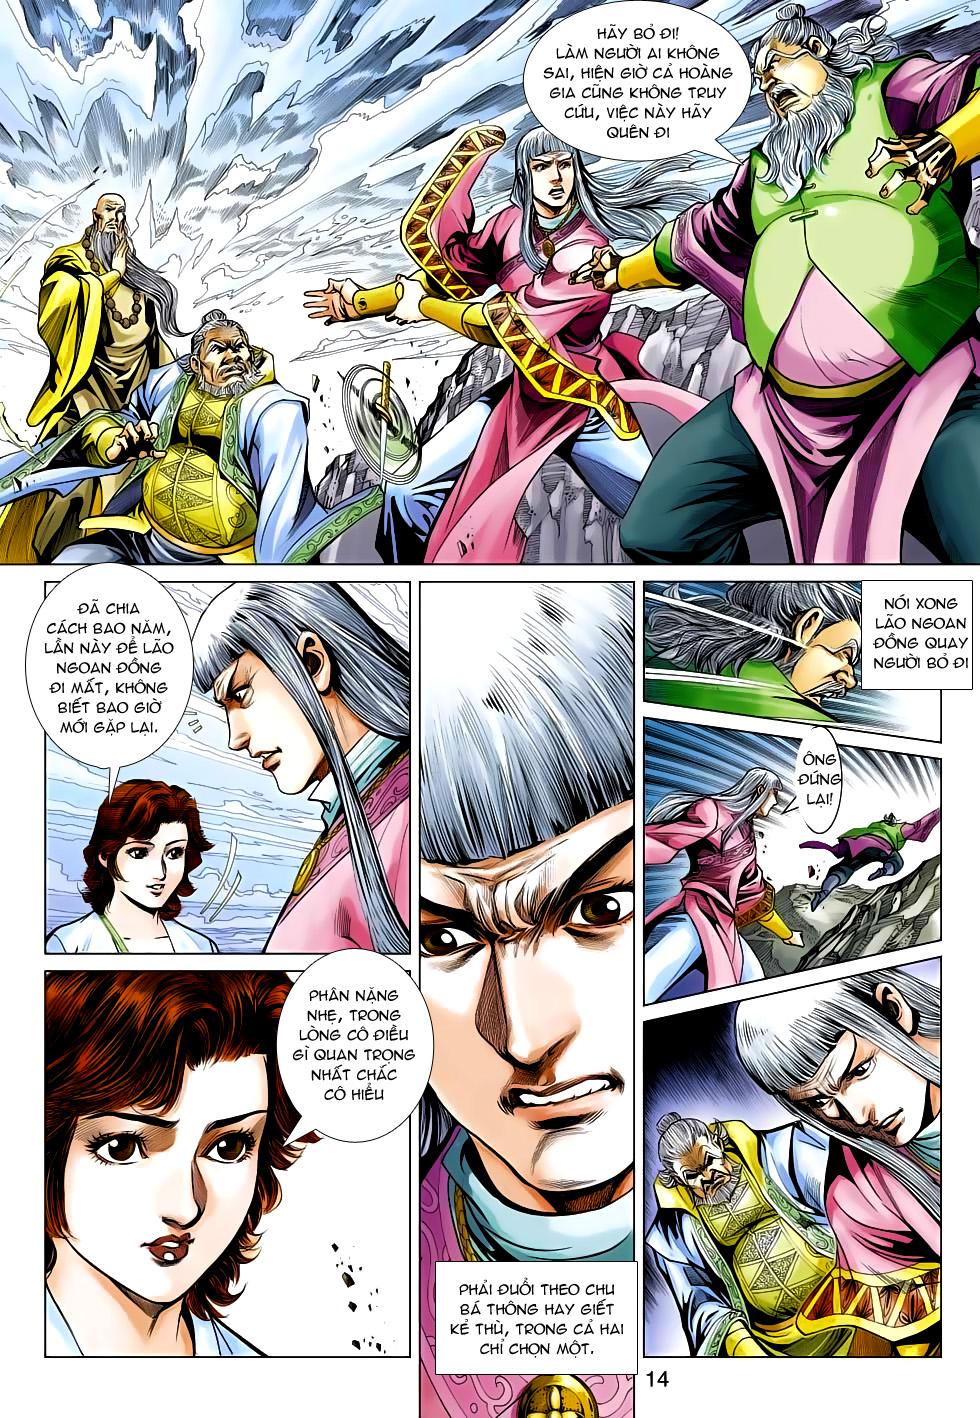 Anh Hùng Xạ Điêu Chap 99 - Next Chap 100